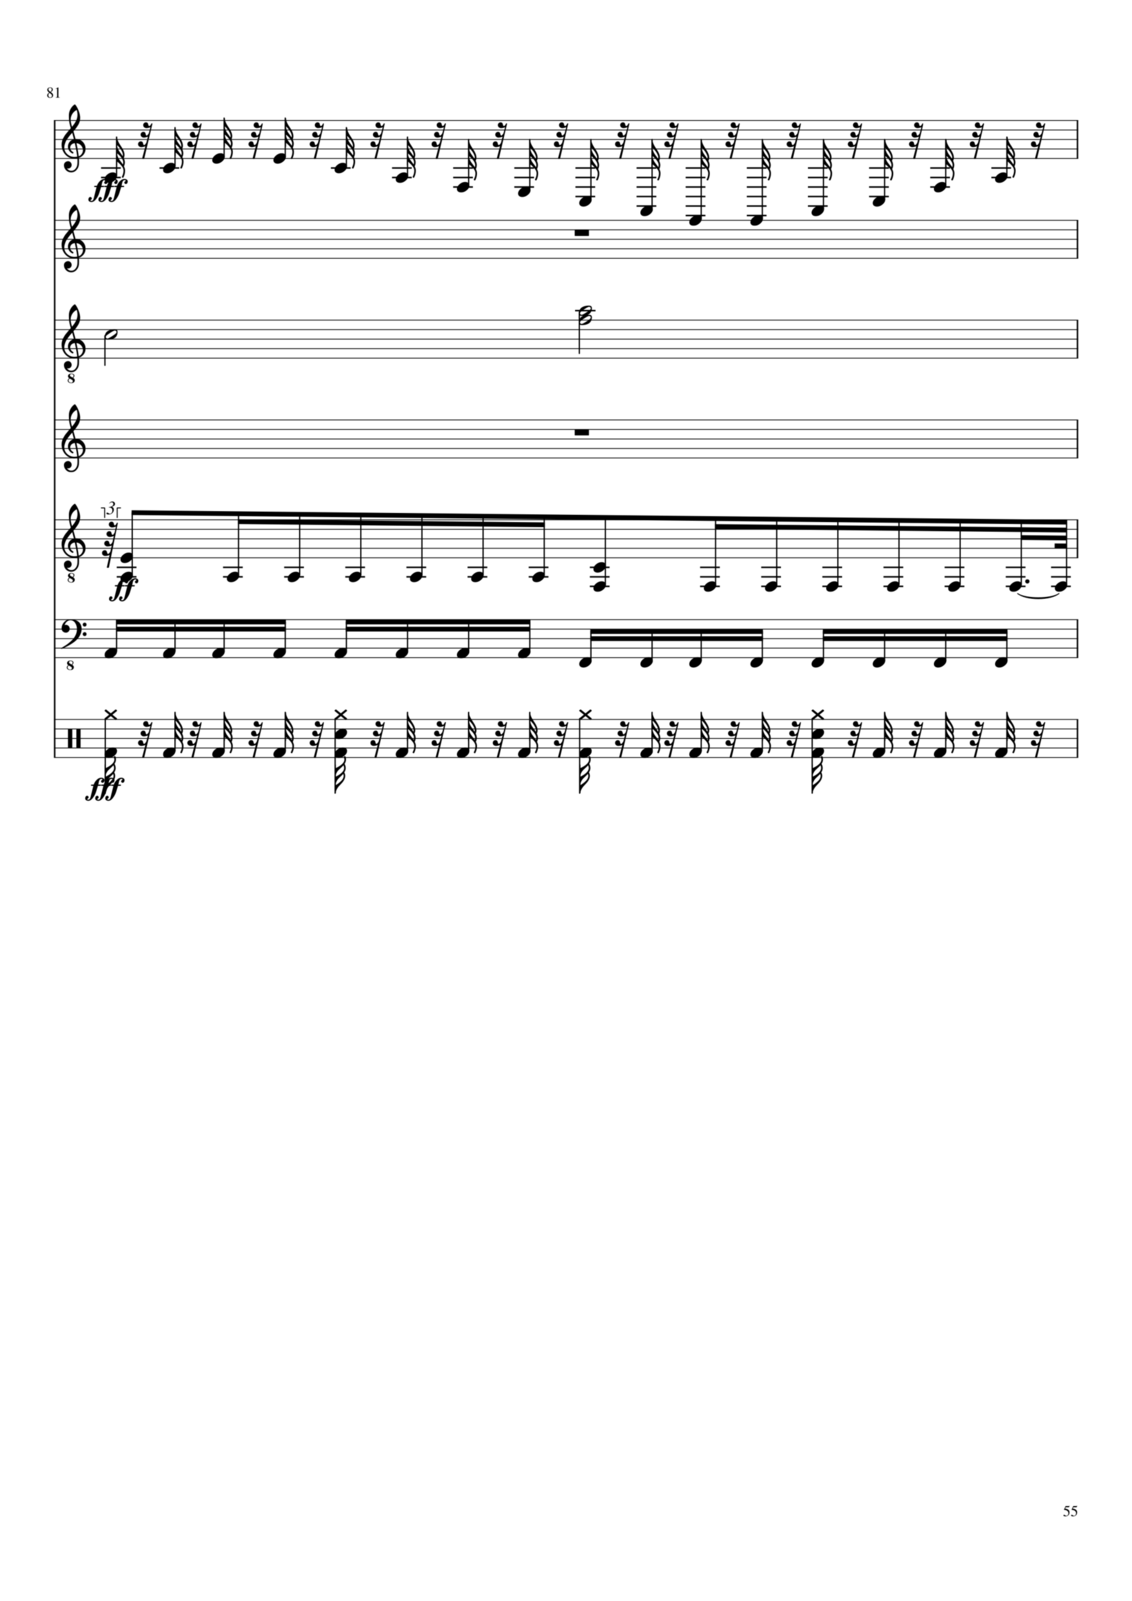 Proschanie s volshebnoy stranoy slide, Image 55